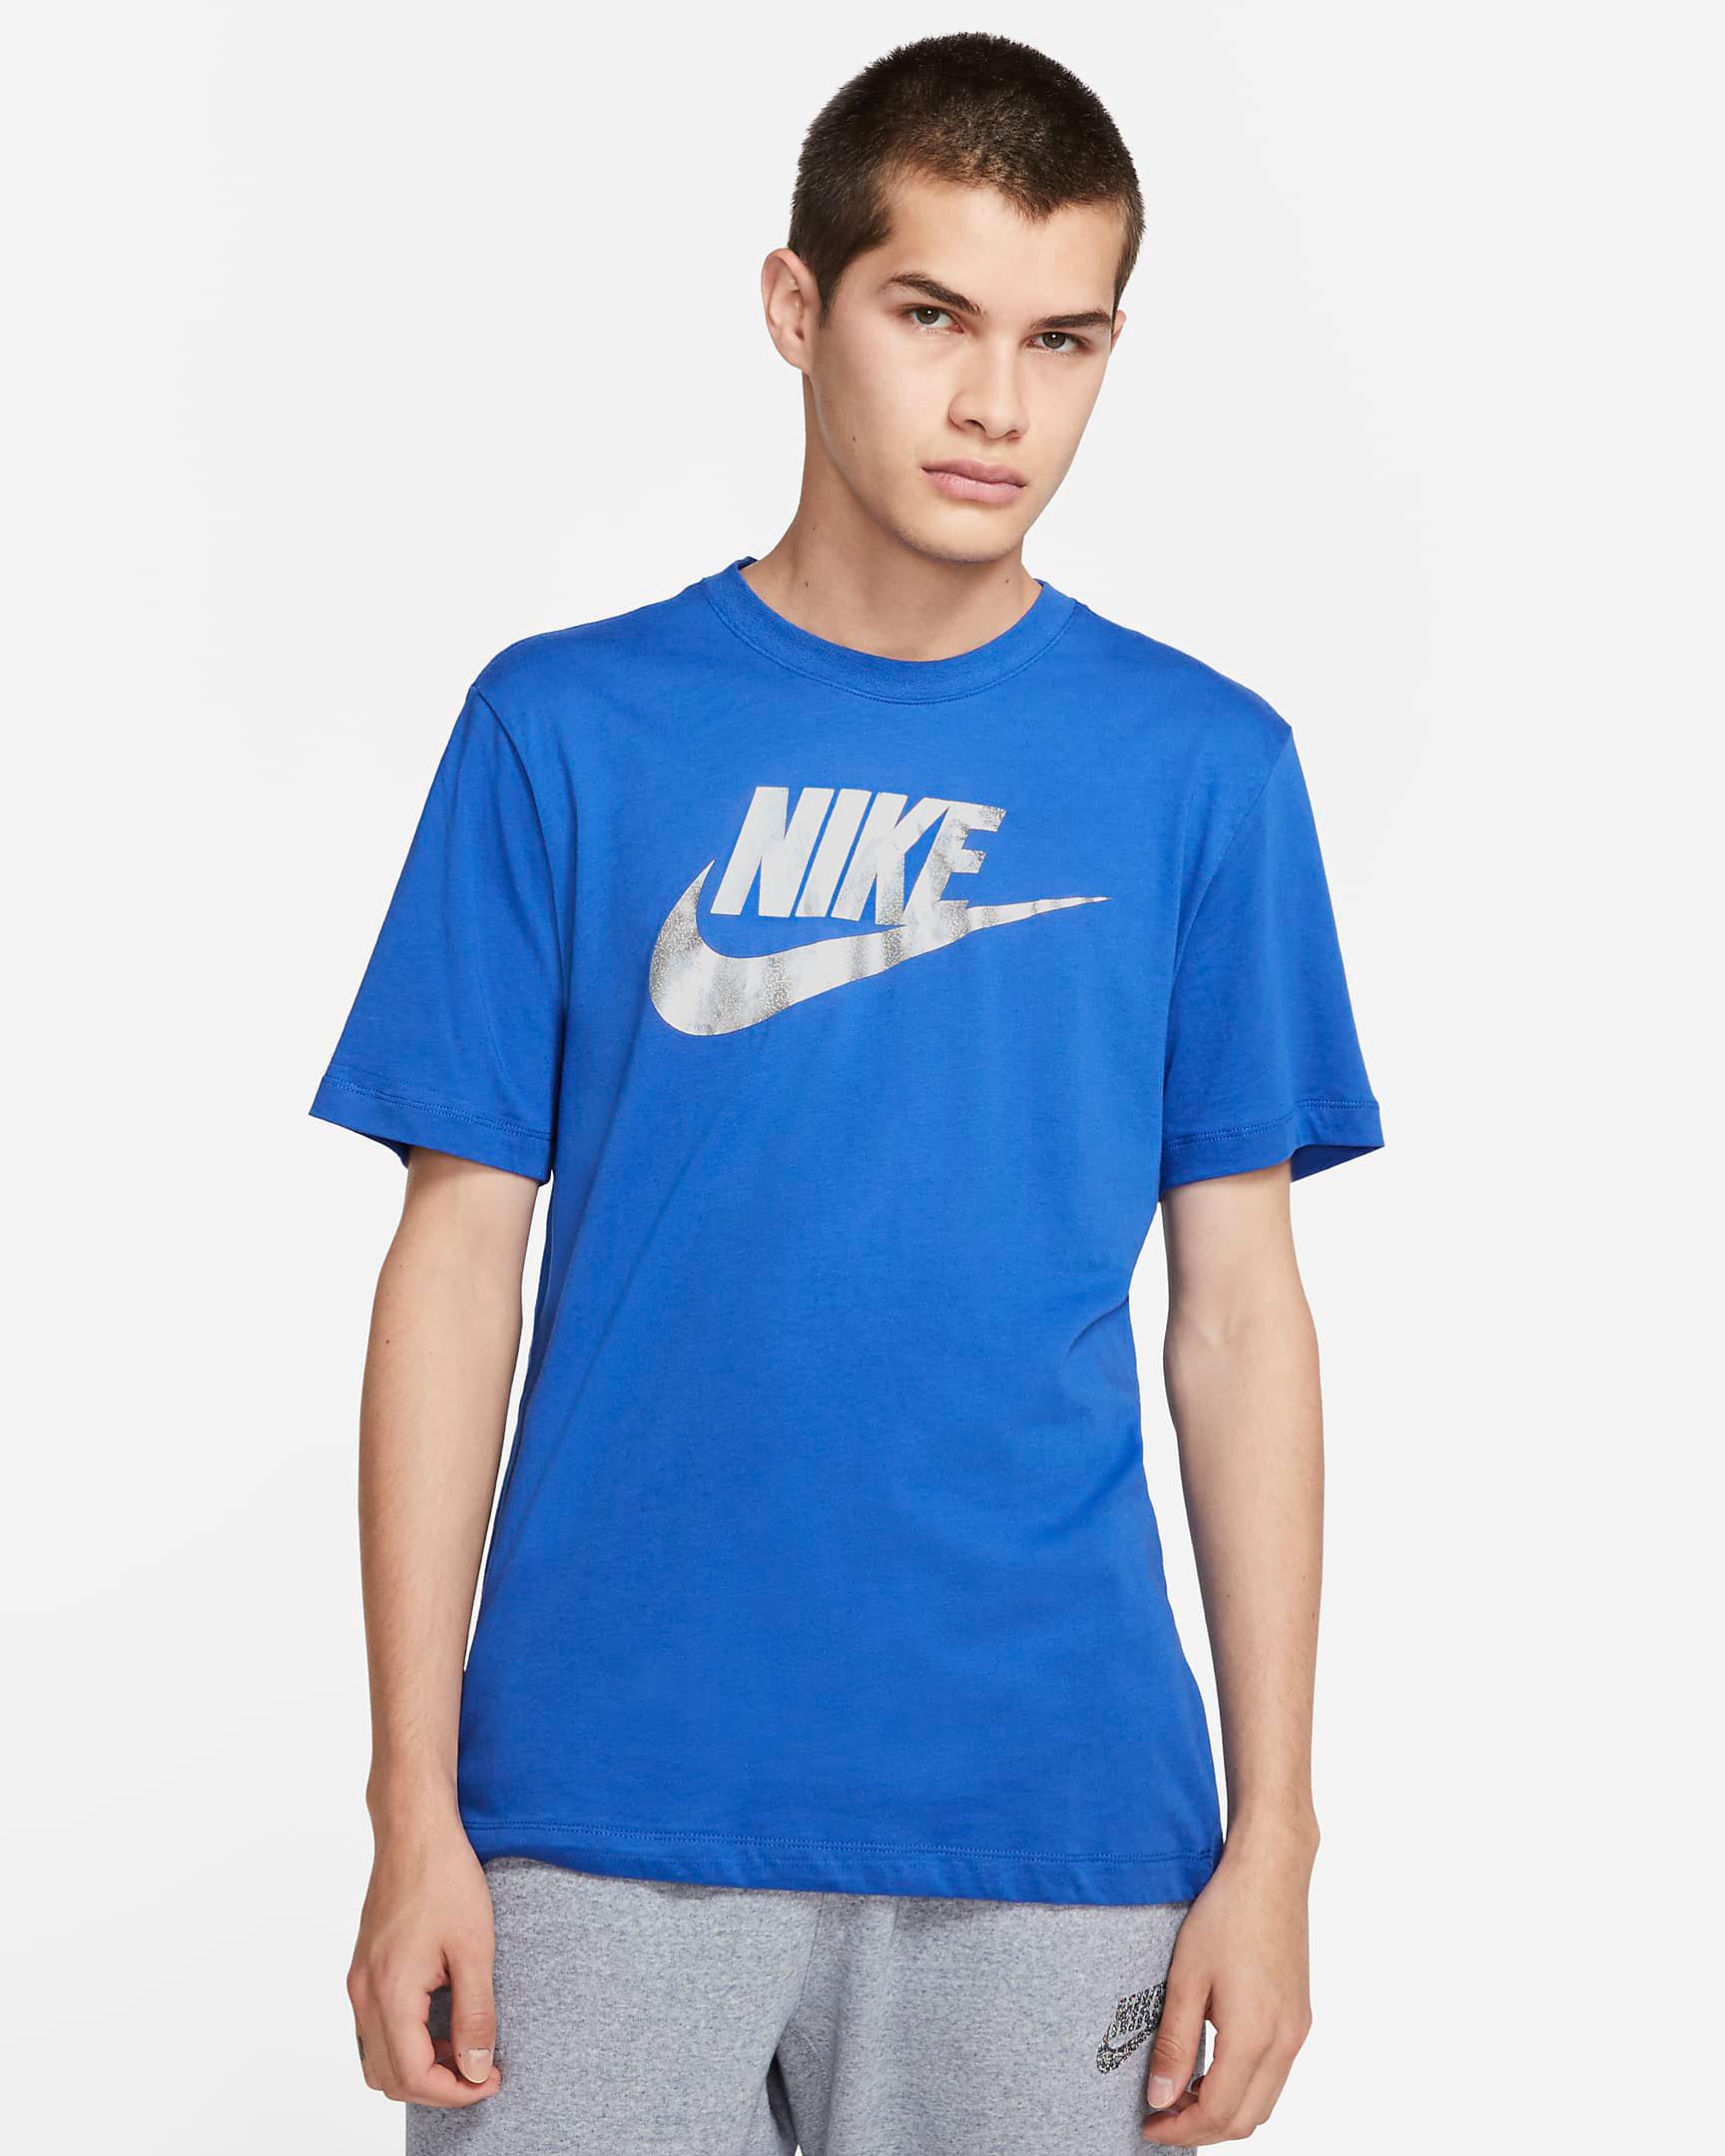 nike-dunk-low-hyper-cobalt-shirt